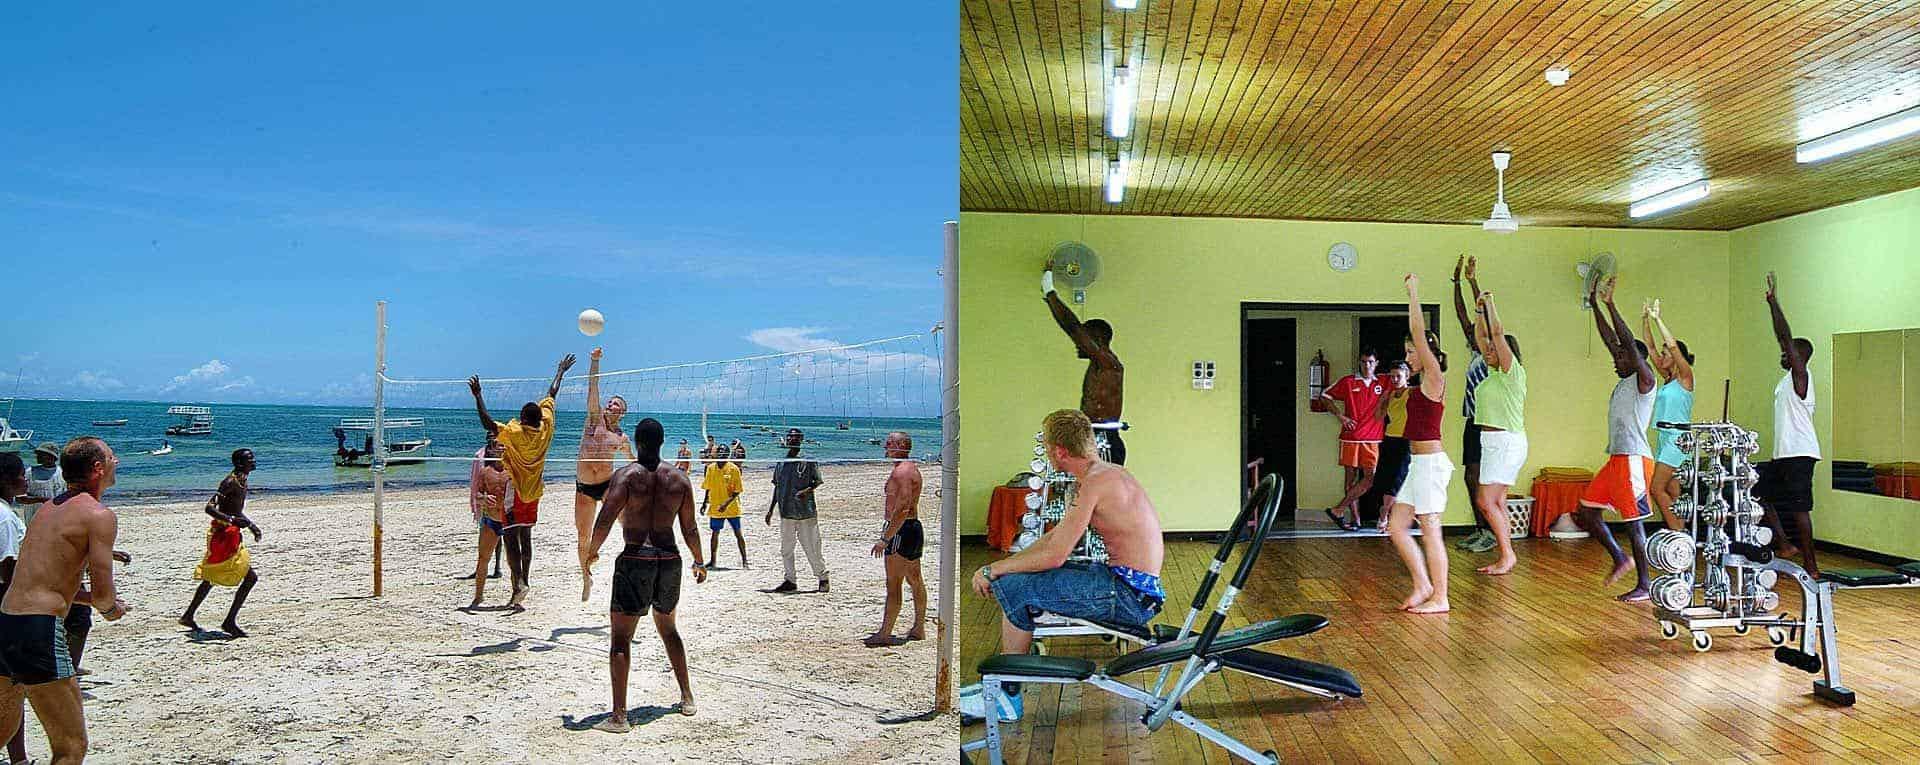 Bamburi Beach Hotel Mombasa Kenya